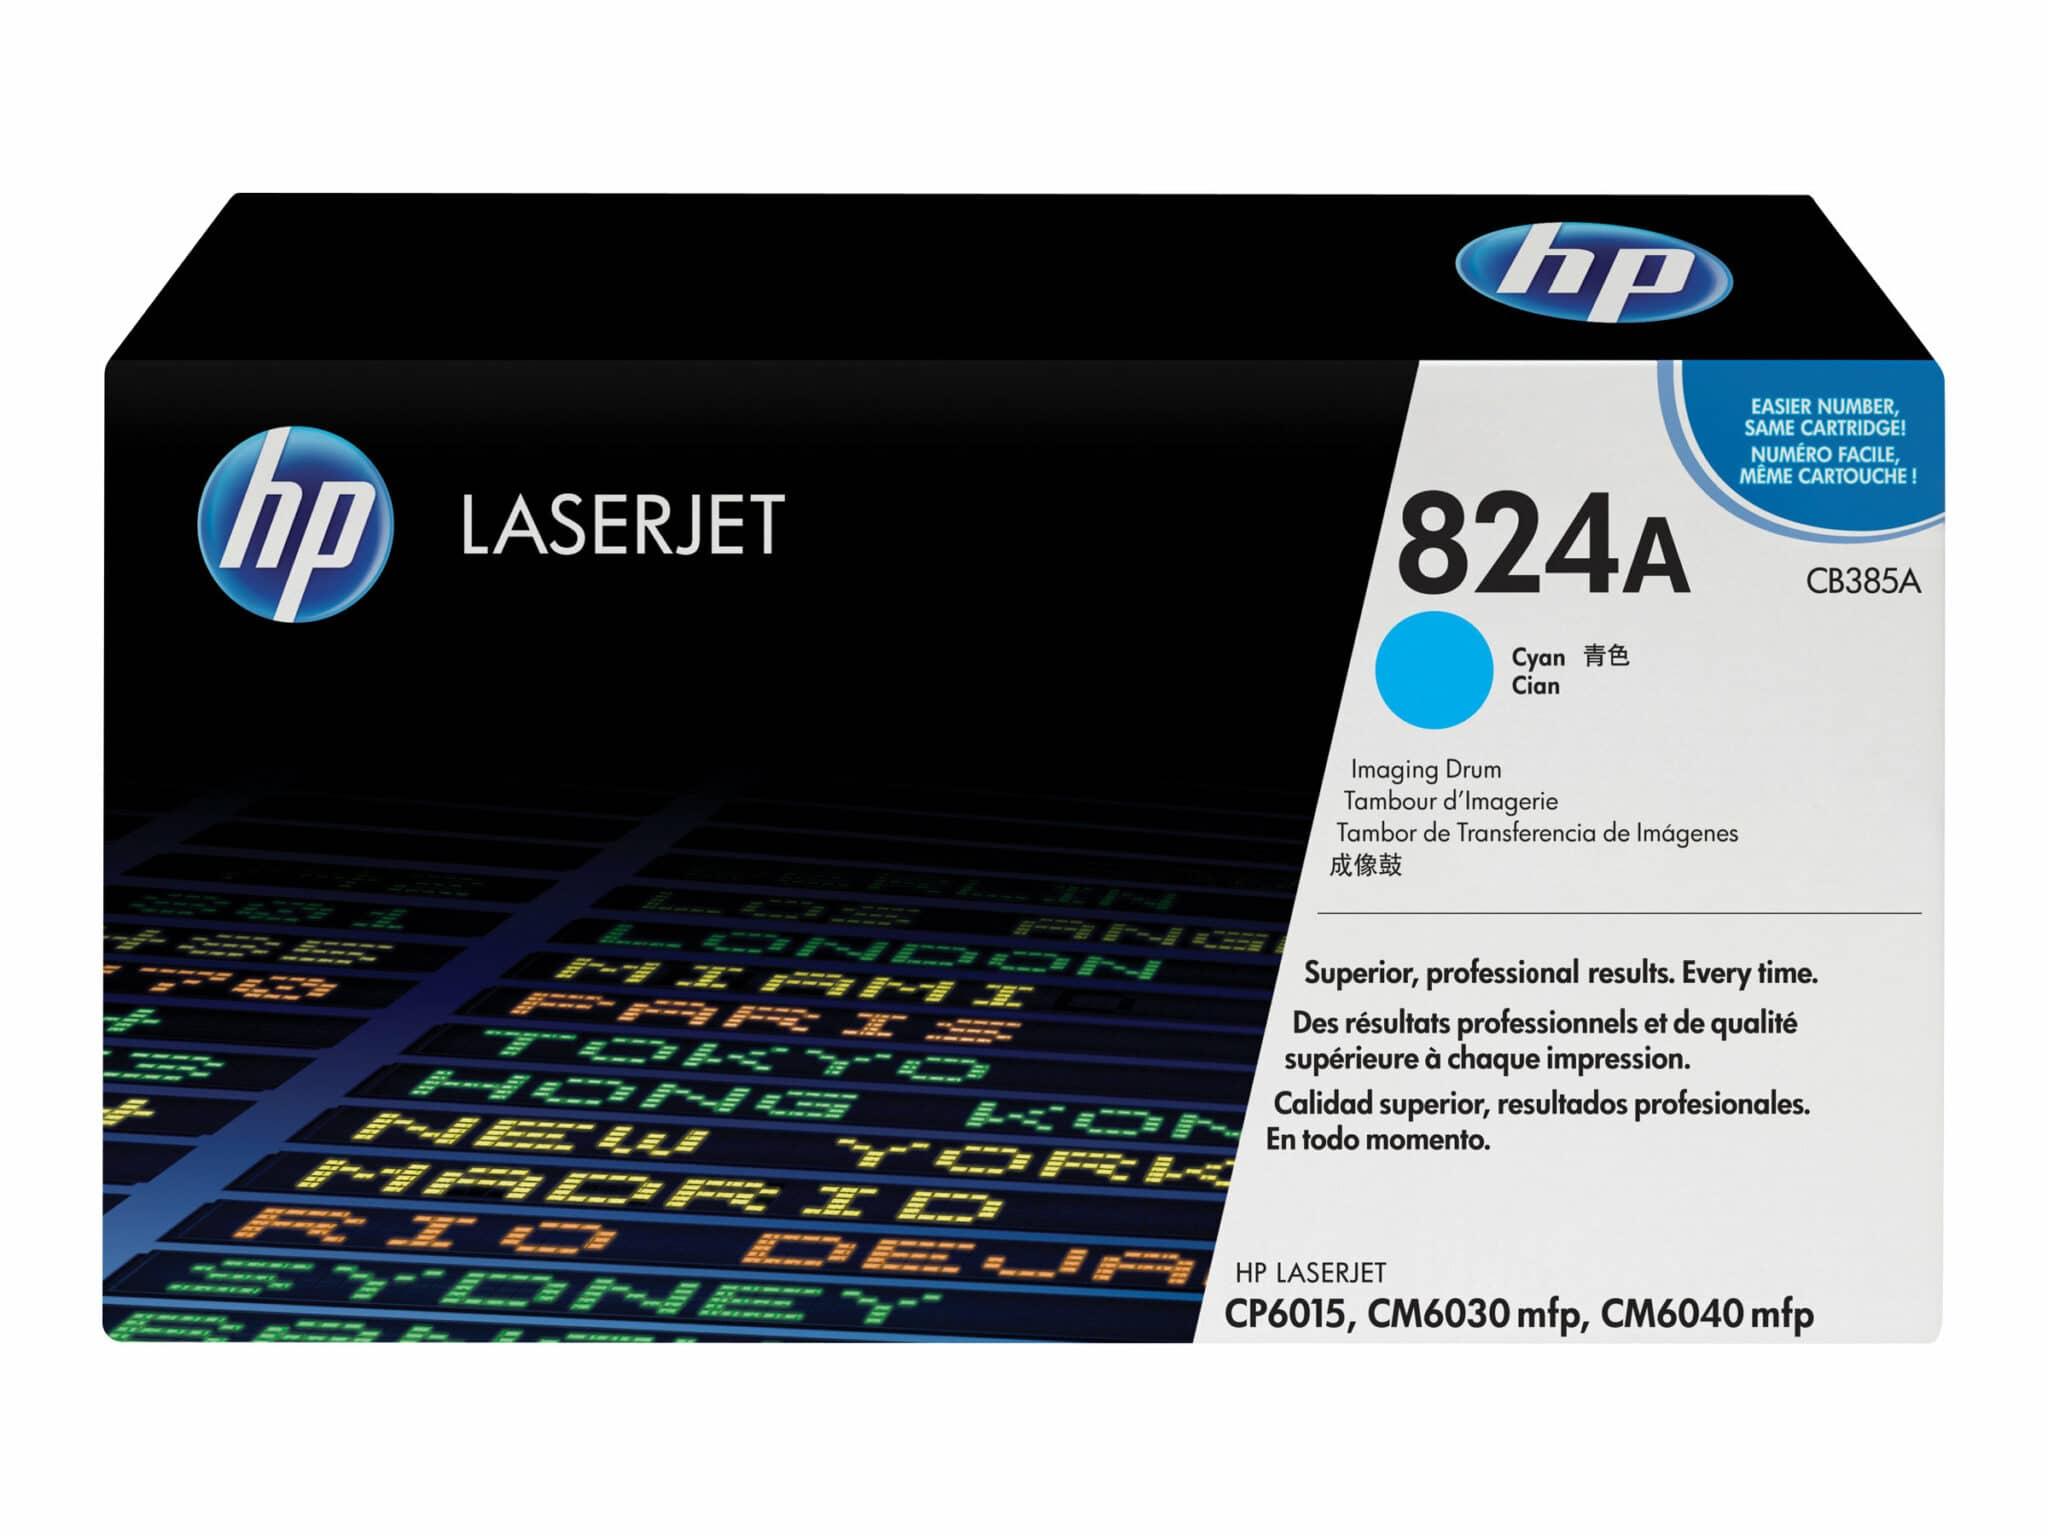 HP 824A Cyan Original LaserJet Image Drum